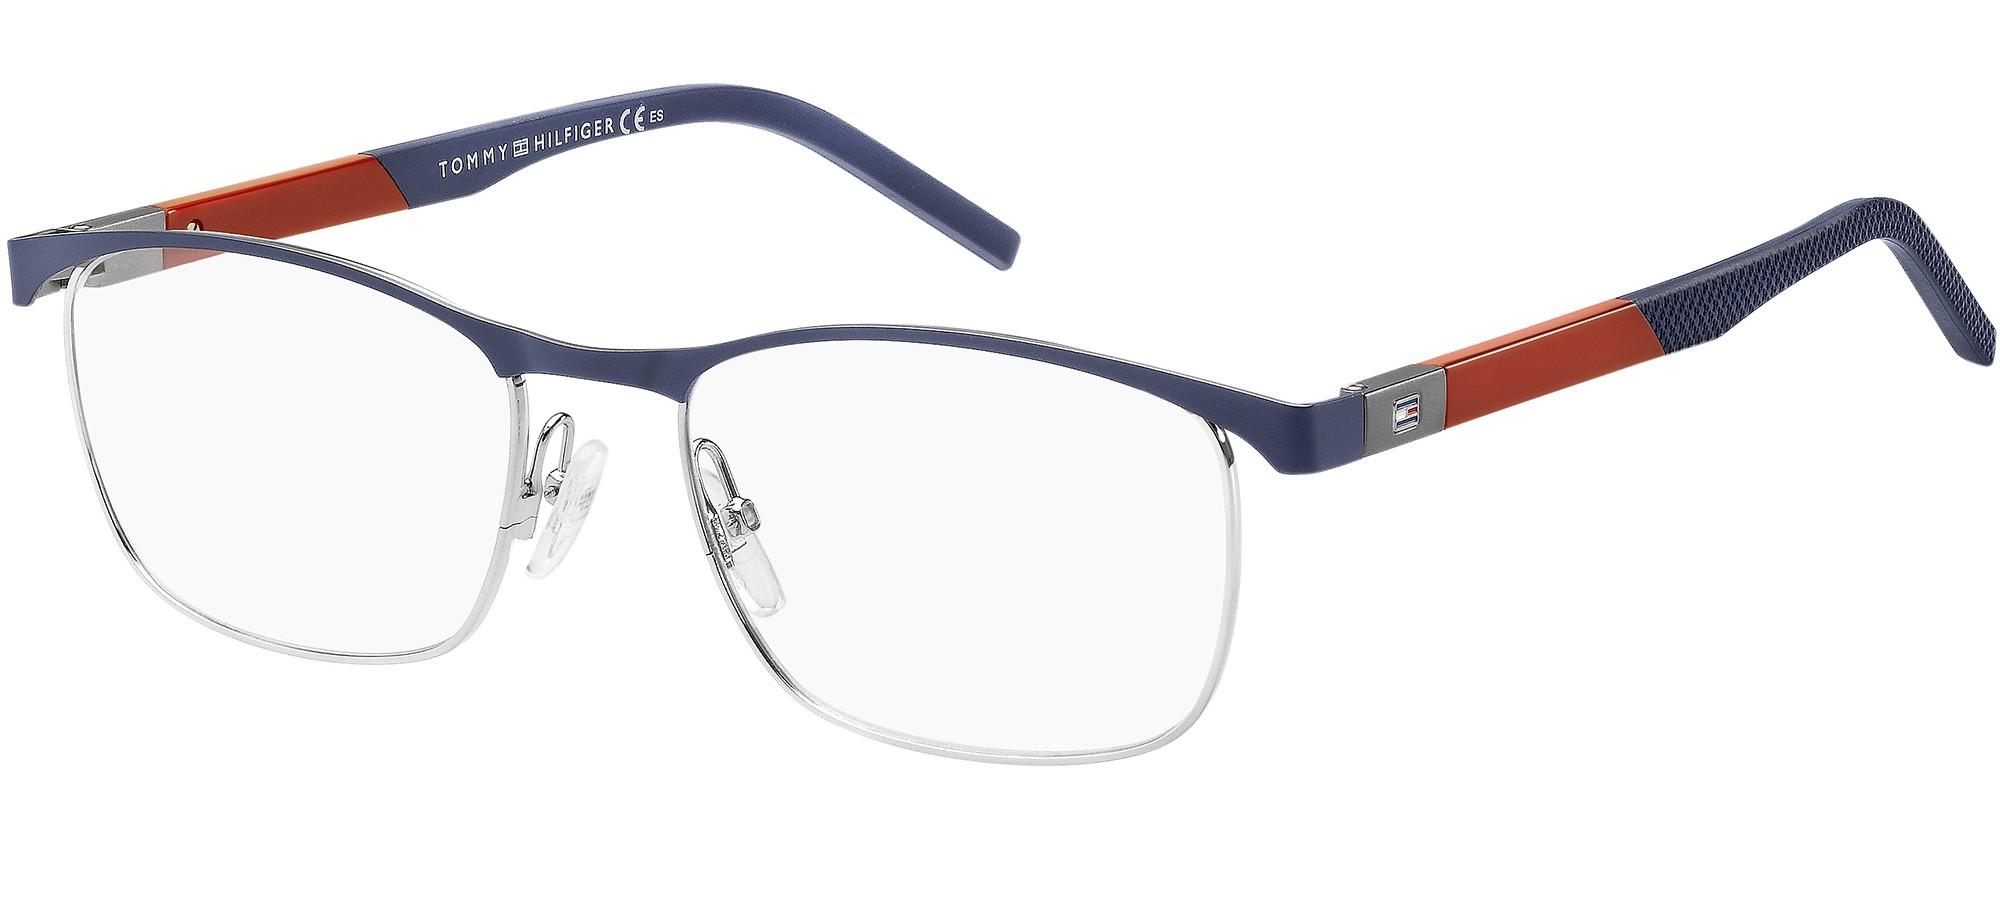 Tommy Hilfiger eyeglasses TH 1626/F